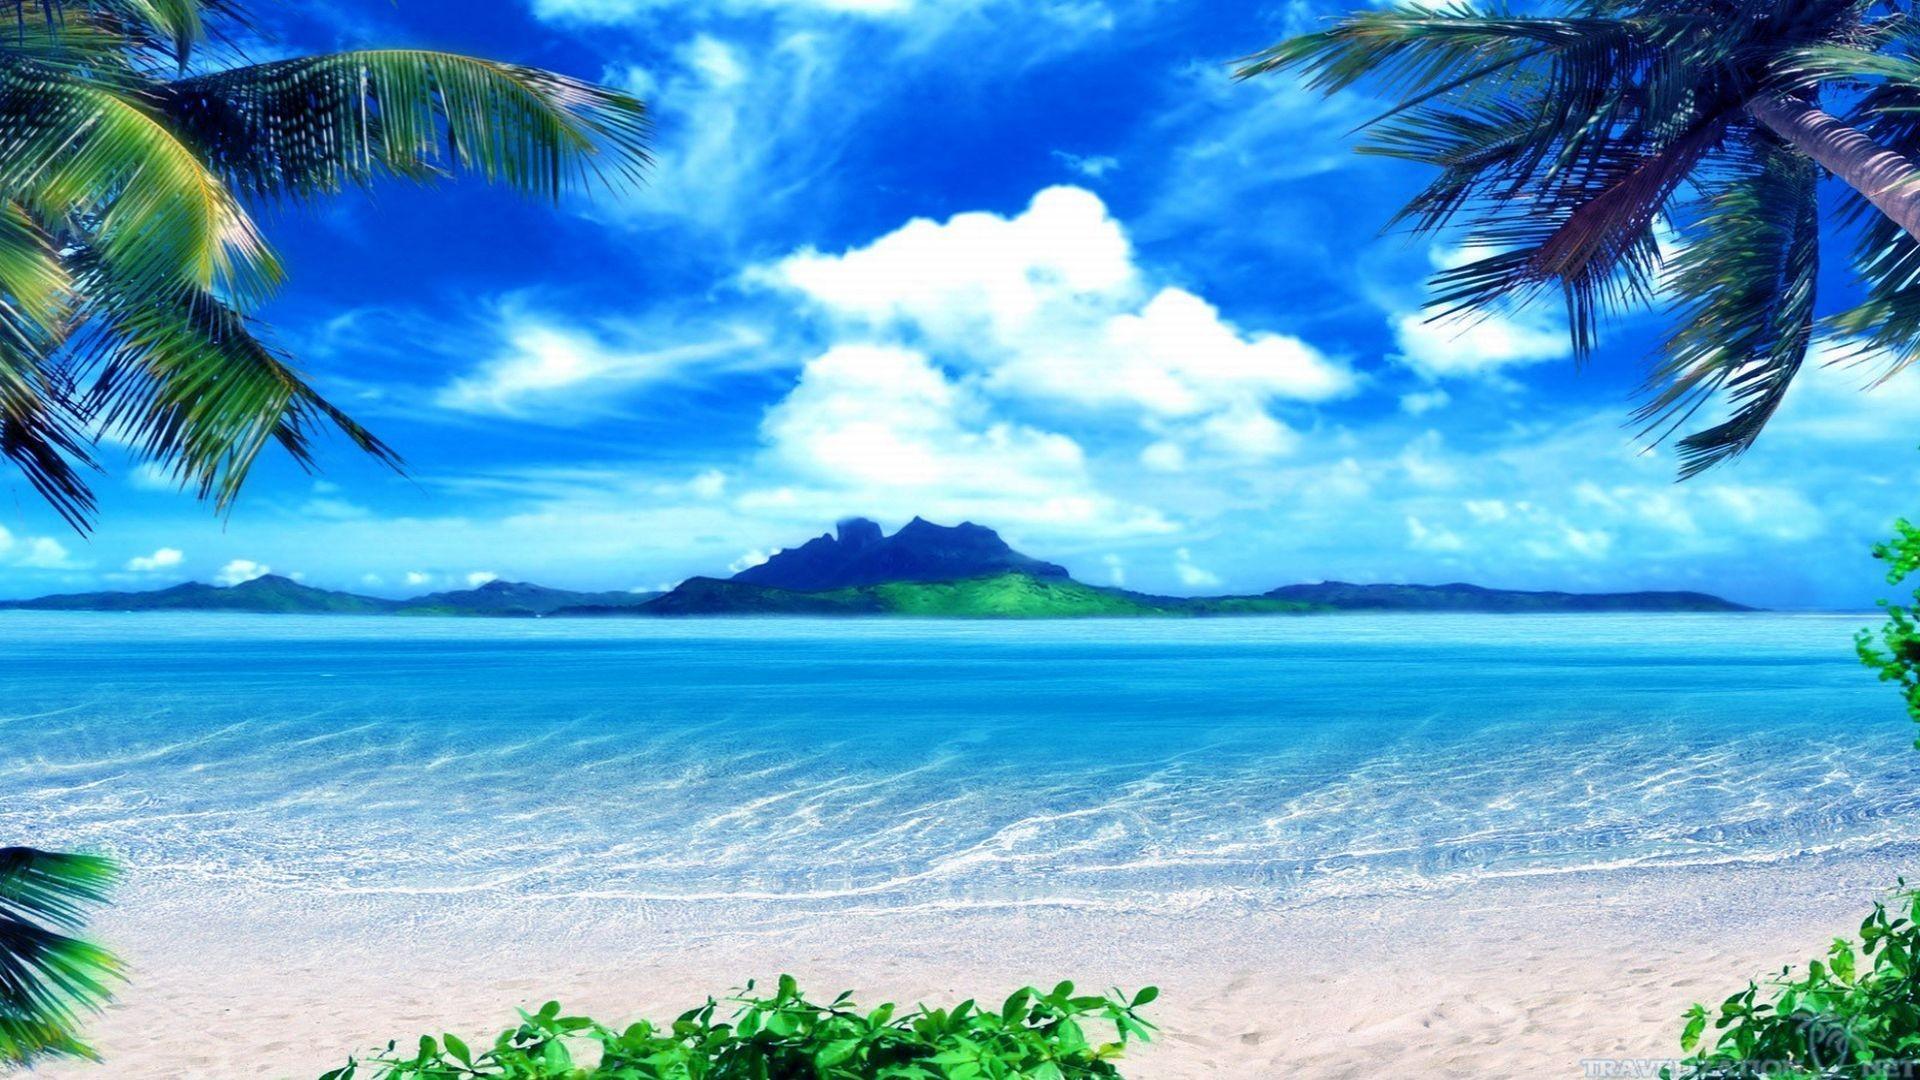 Download Beautiful Scene Bahamas Wallpaper | Full HD Wallpapers